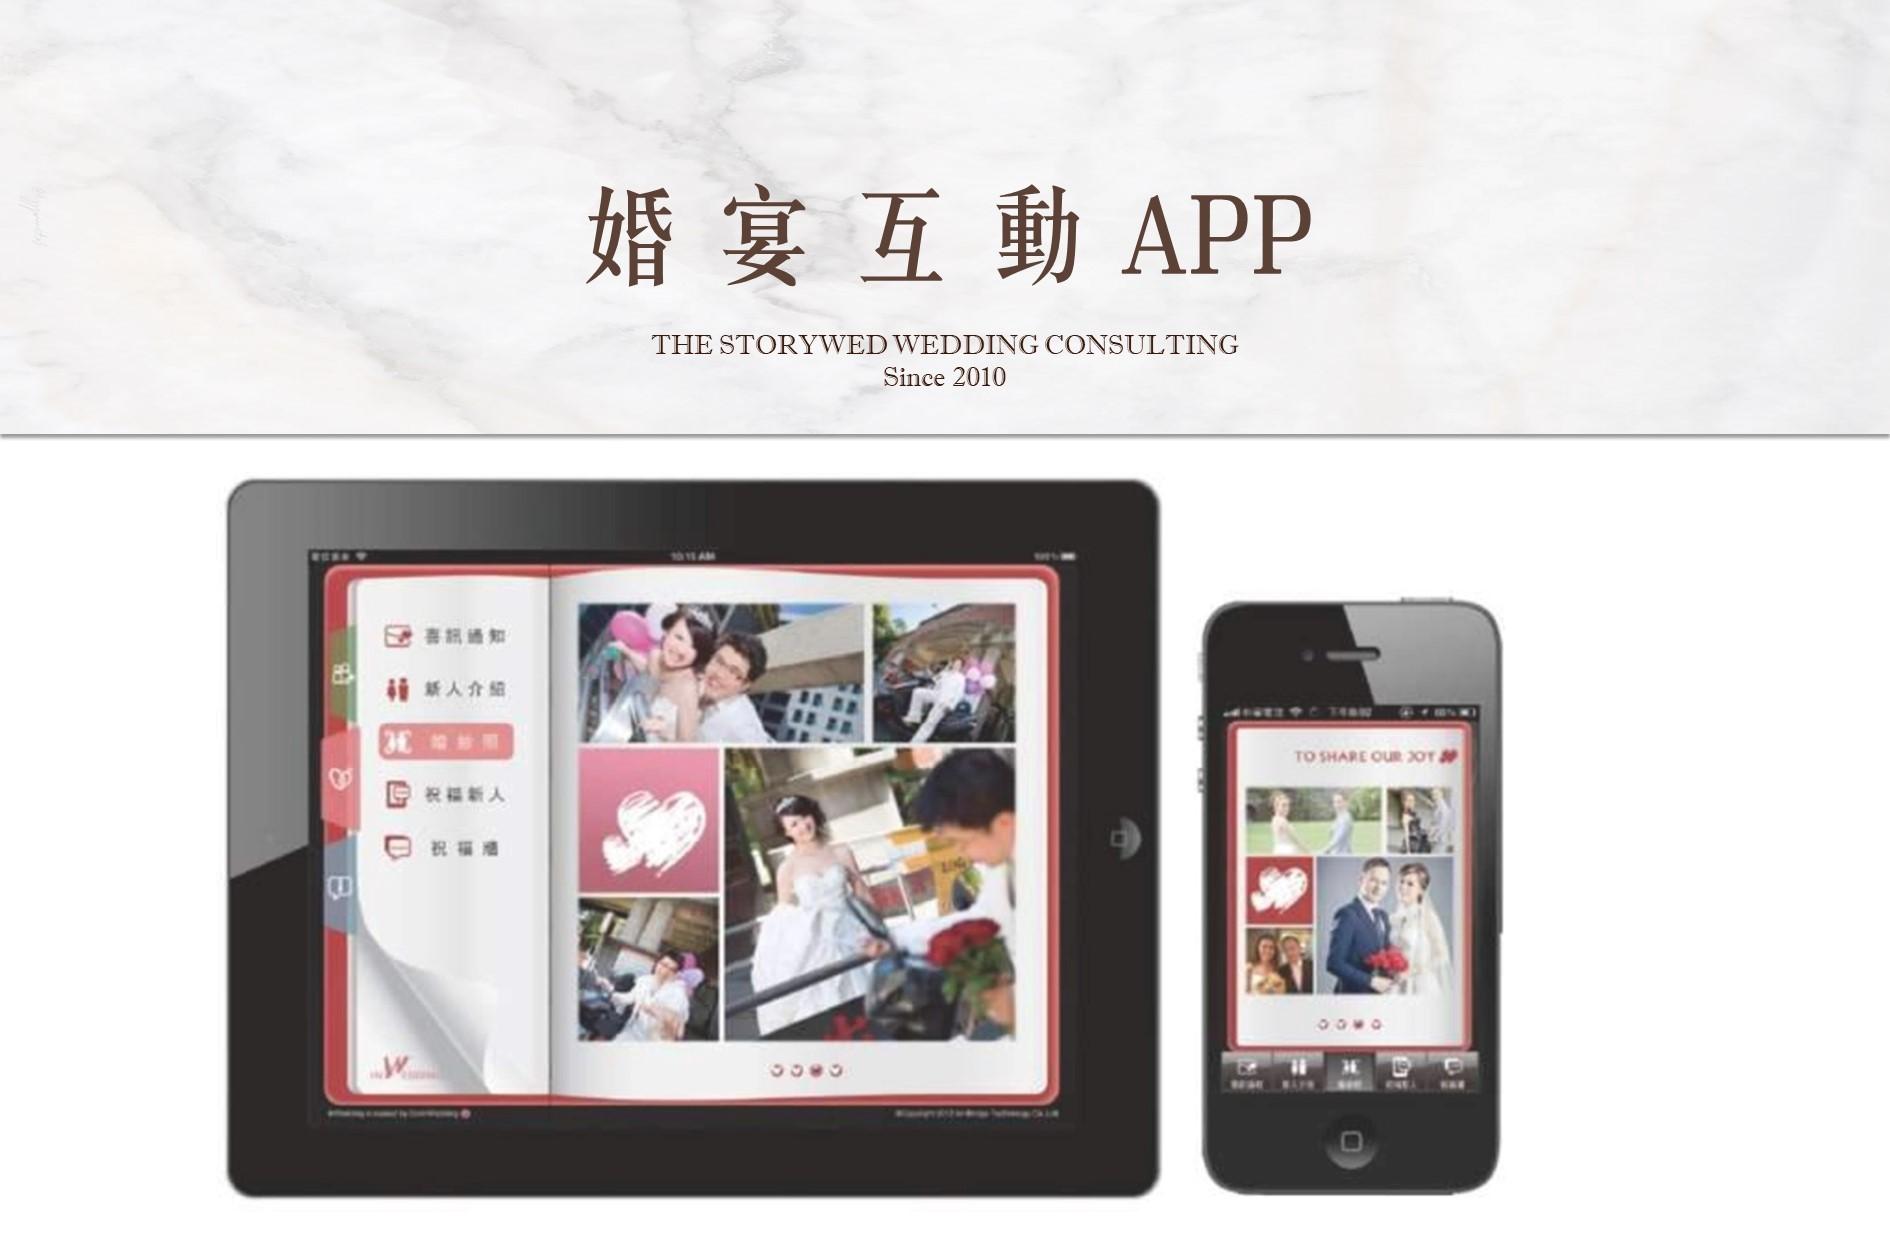 〖互動拍機〗婚宴互動 App